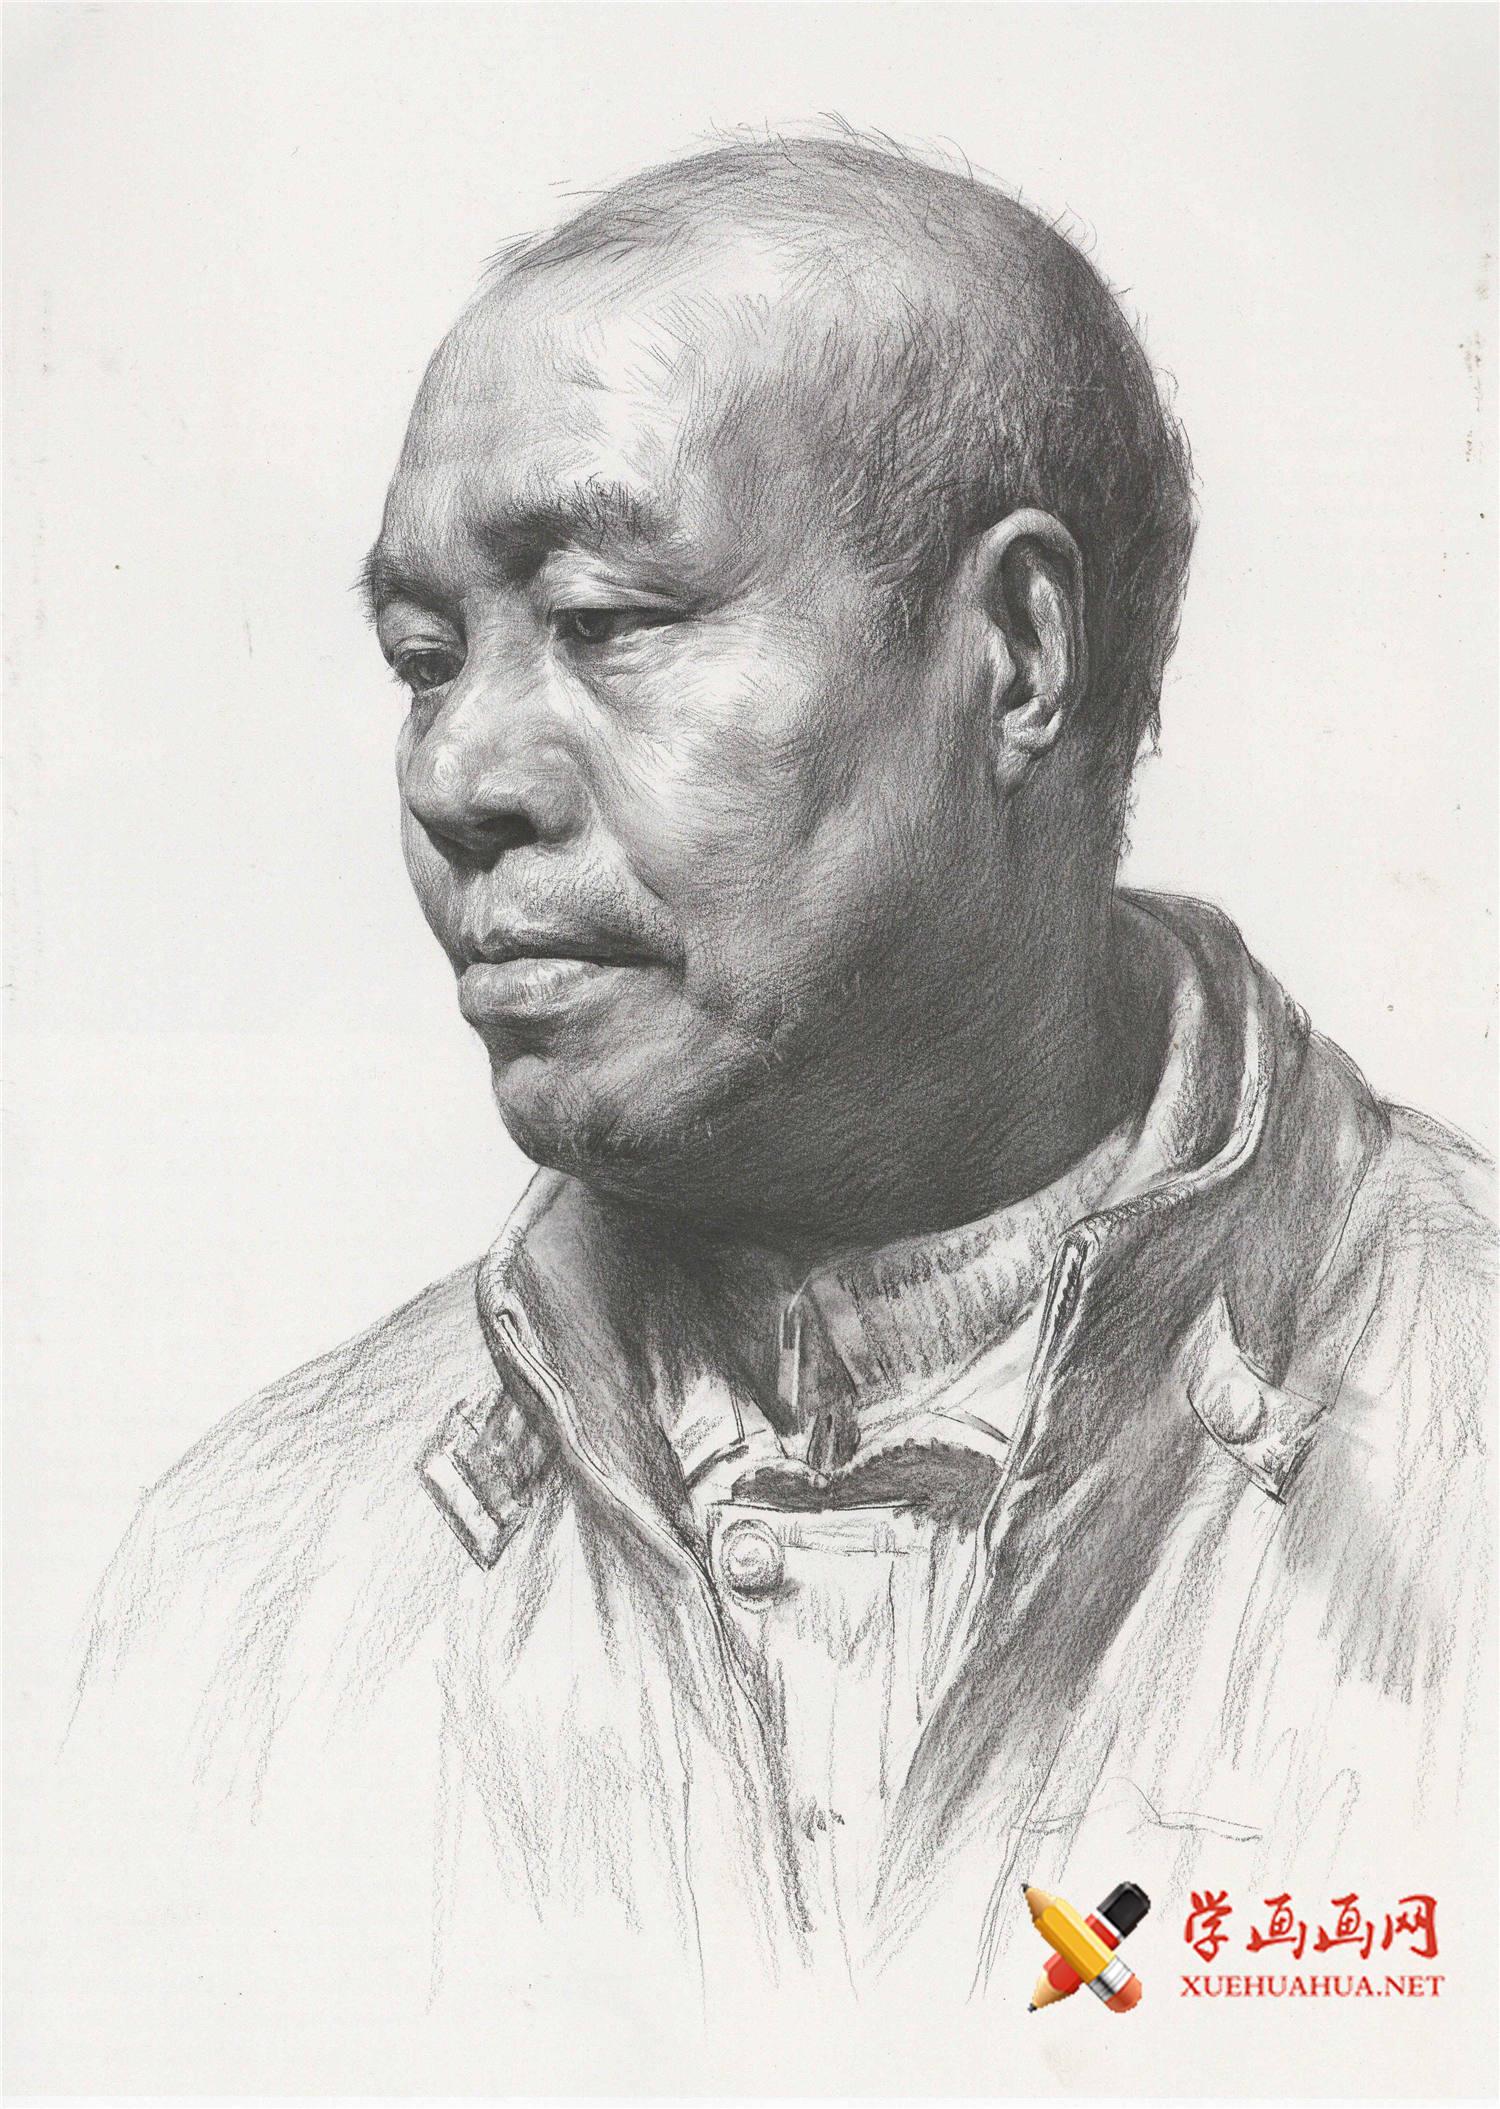 如何画中年男子素描头像?头发稀疏的中年男子侧面素描头像范画图片(1)